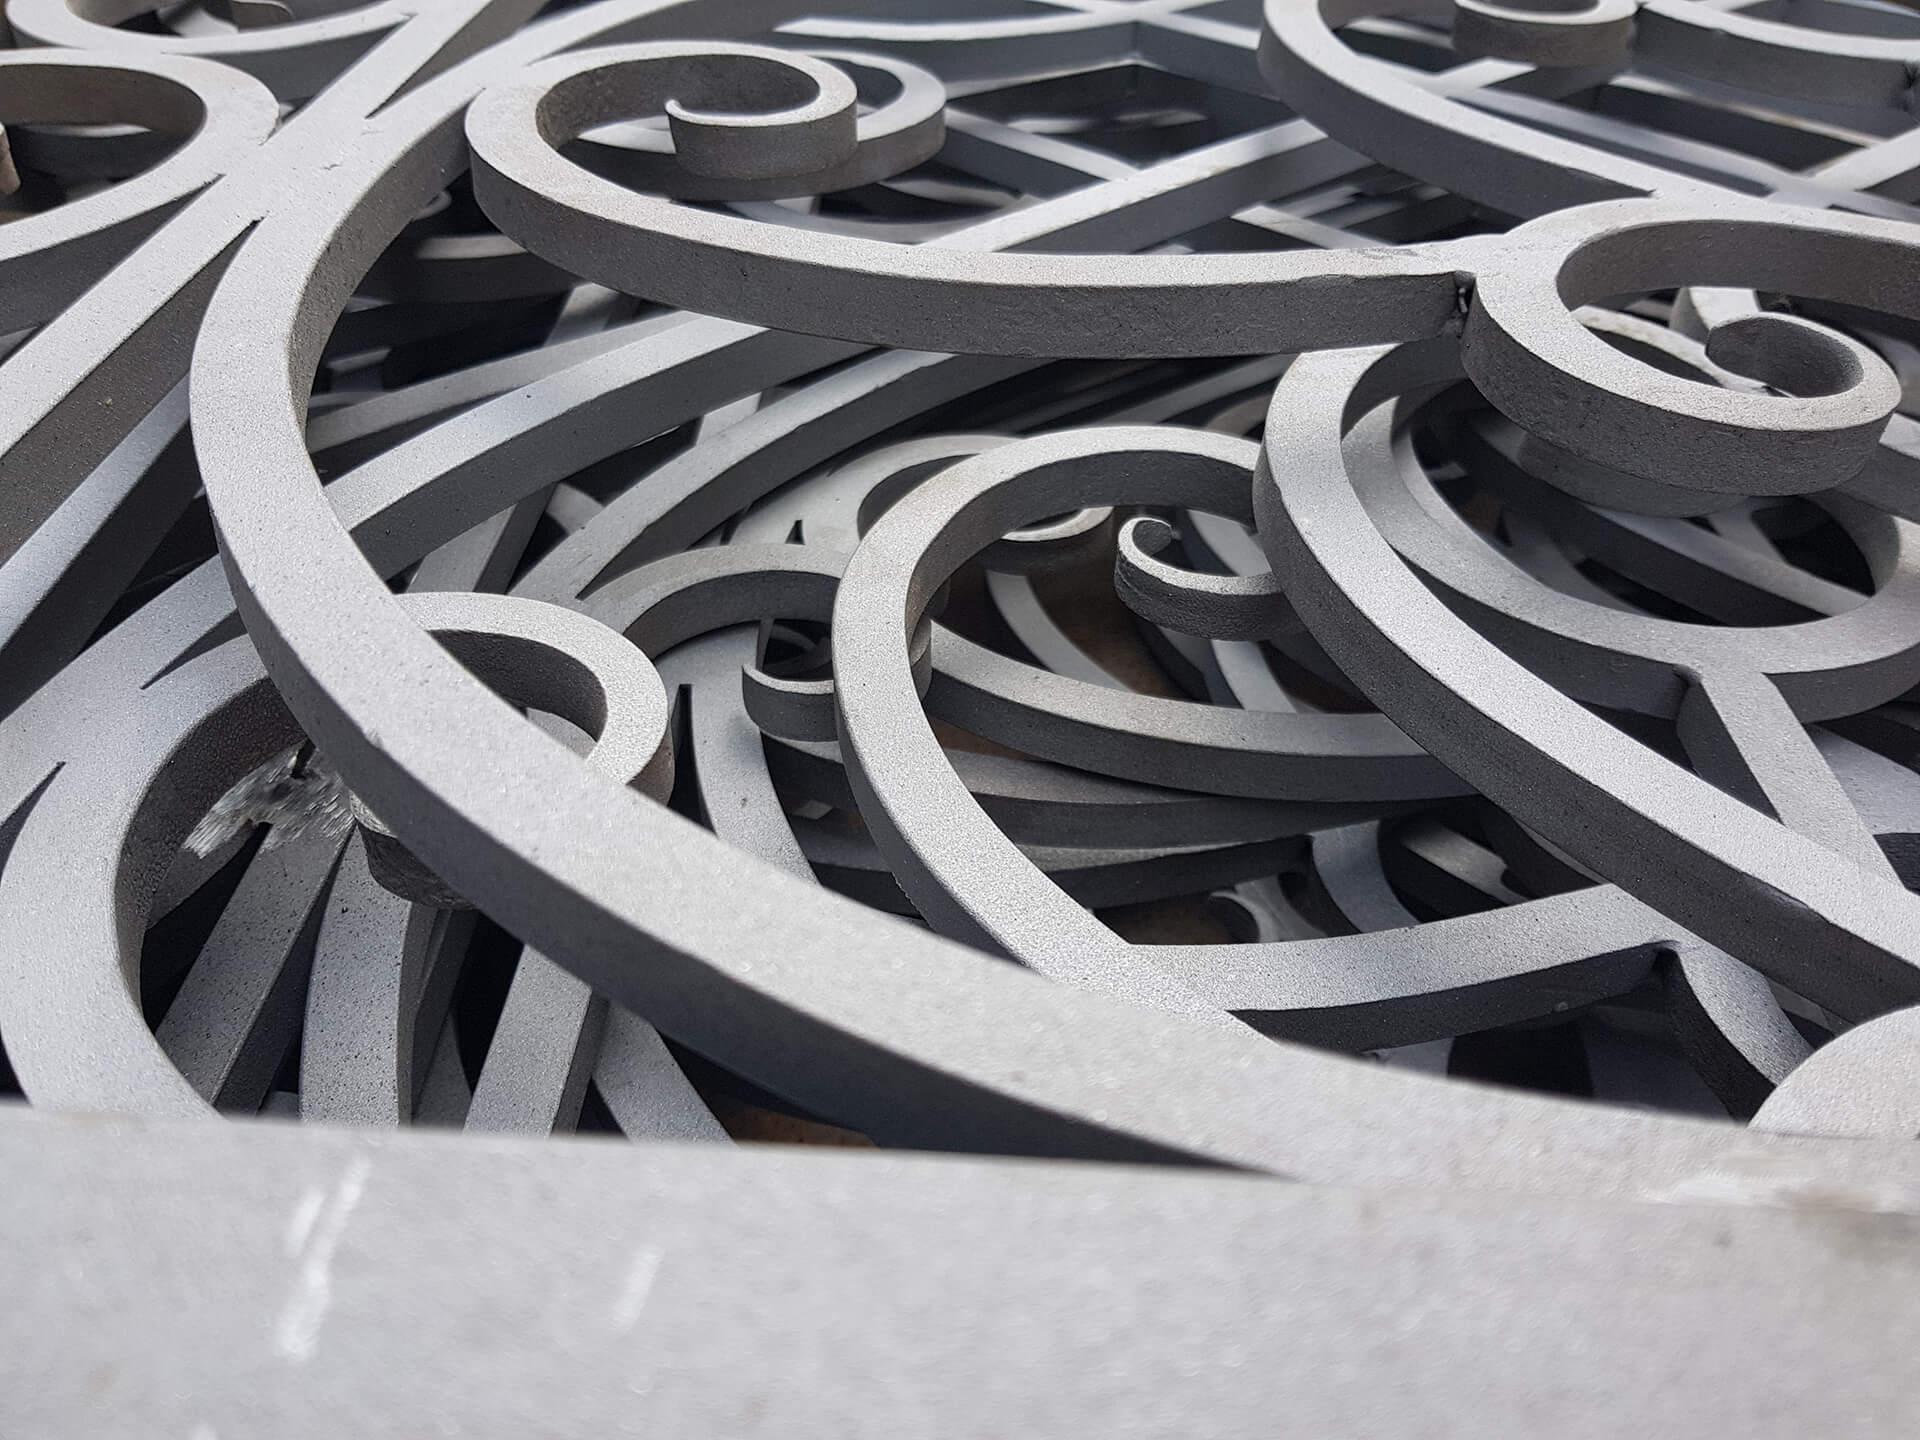 Пескоструйная очистка кованых изделий в Москве